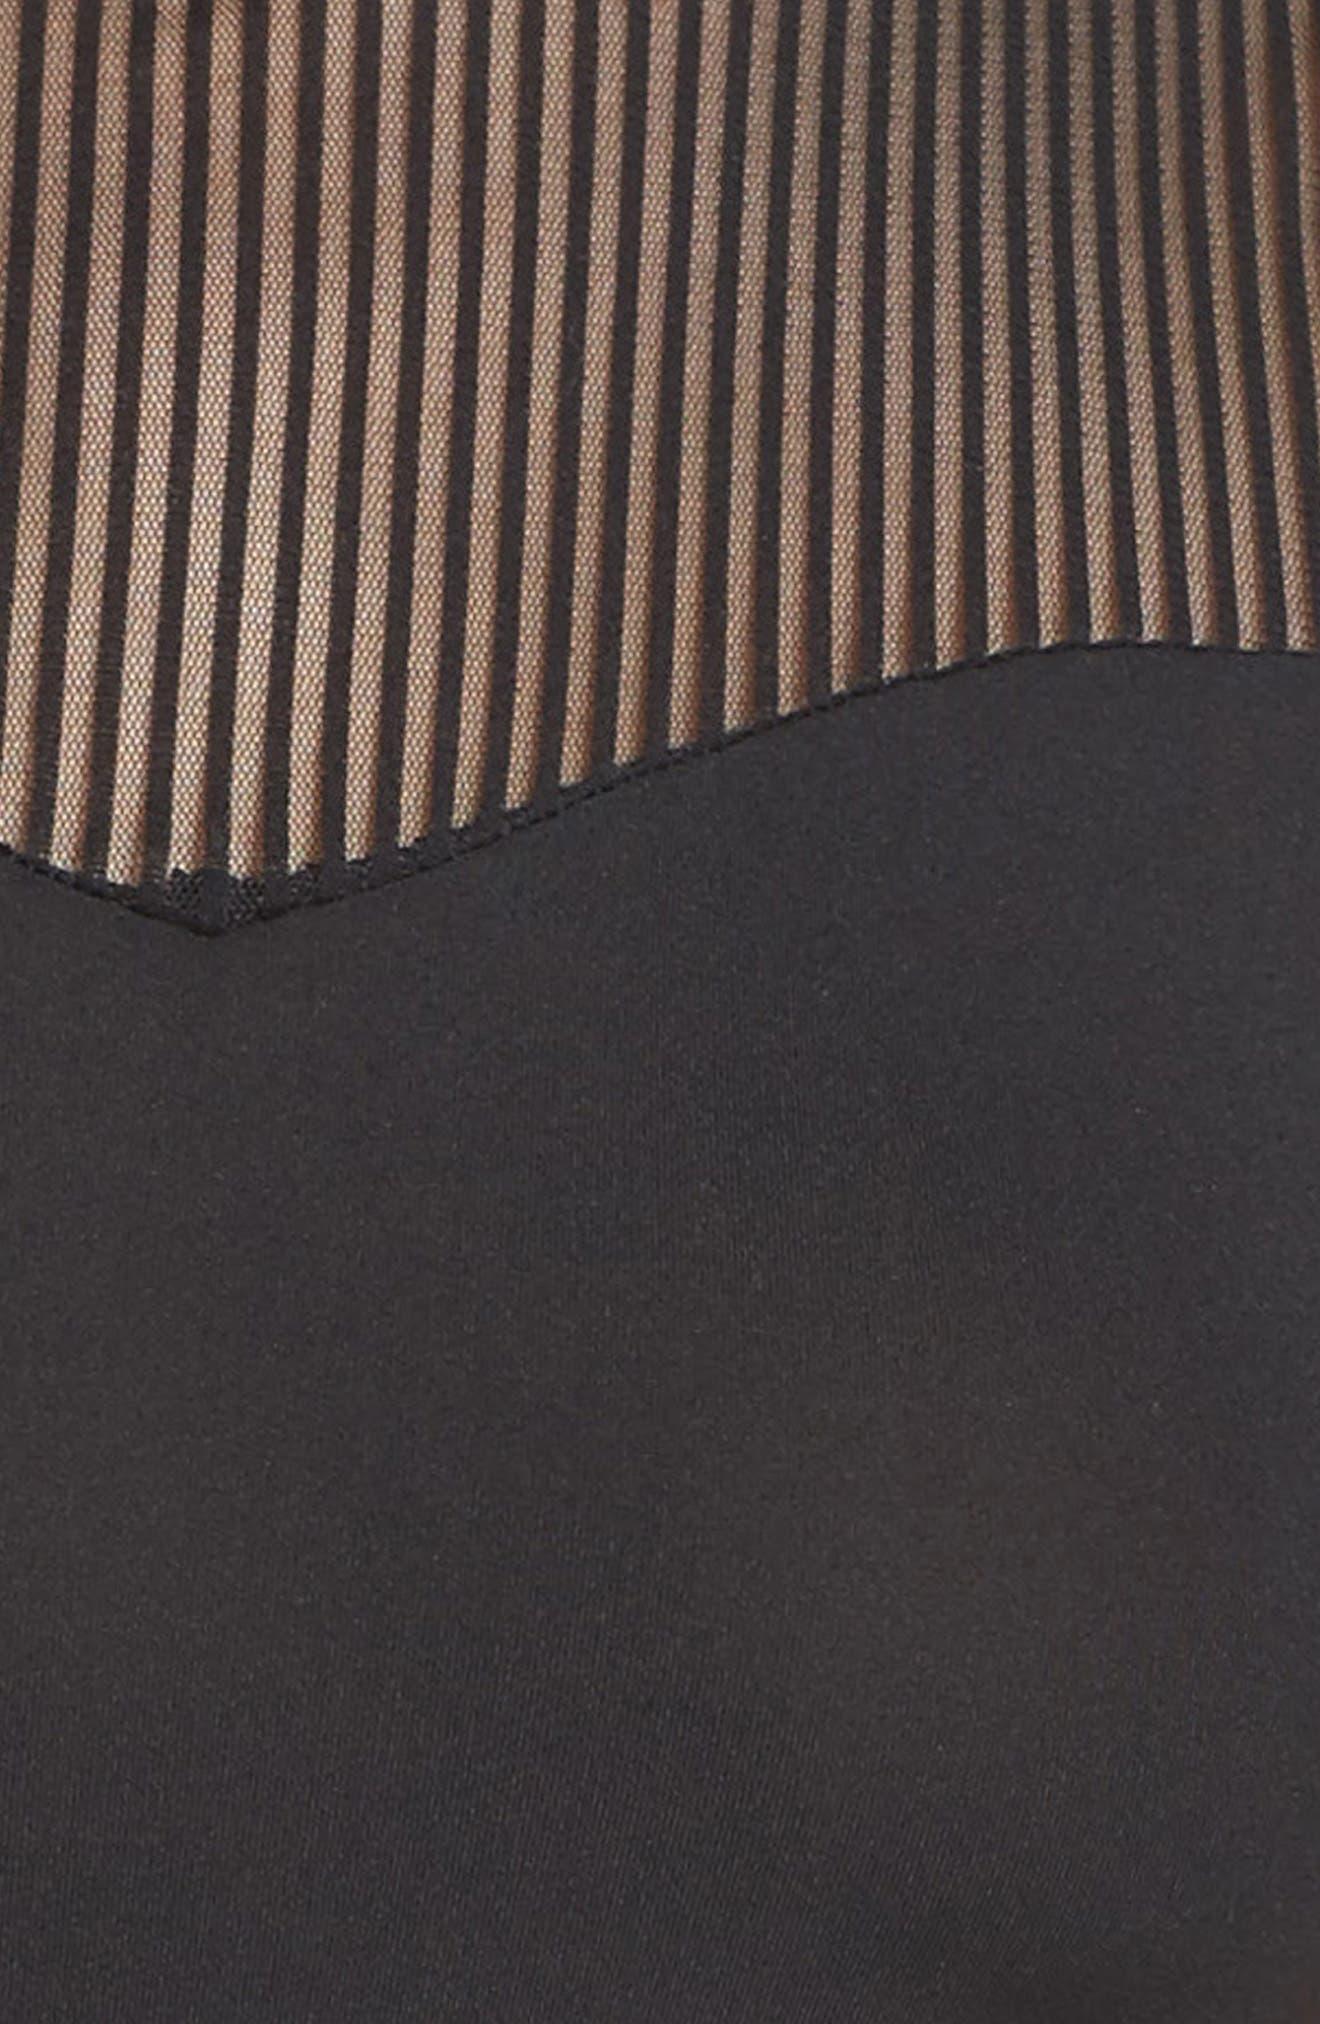 Crop Top Bralette & Panties,                             Alternate thumbnail 5, color,                             001